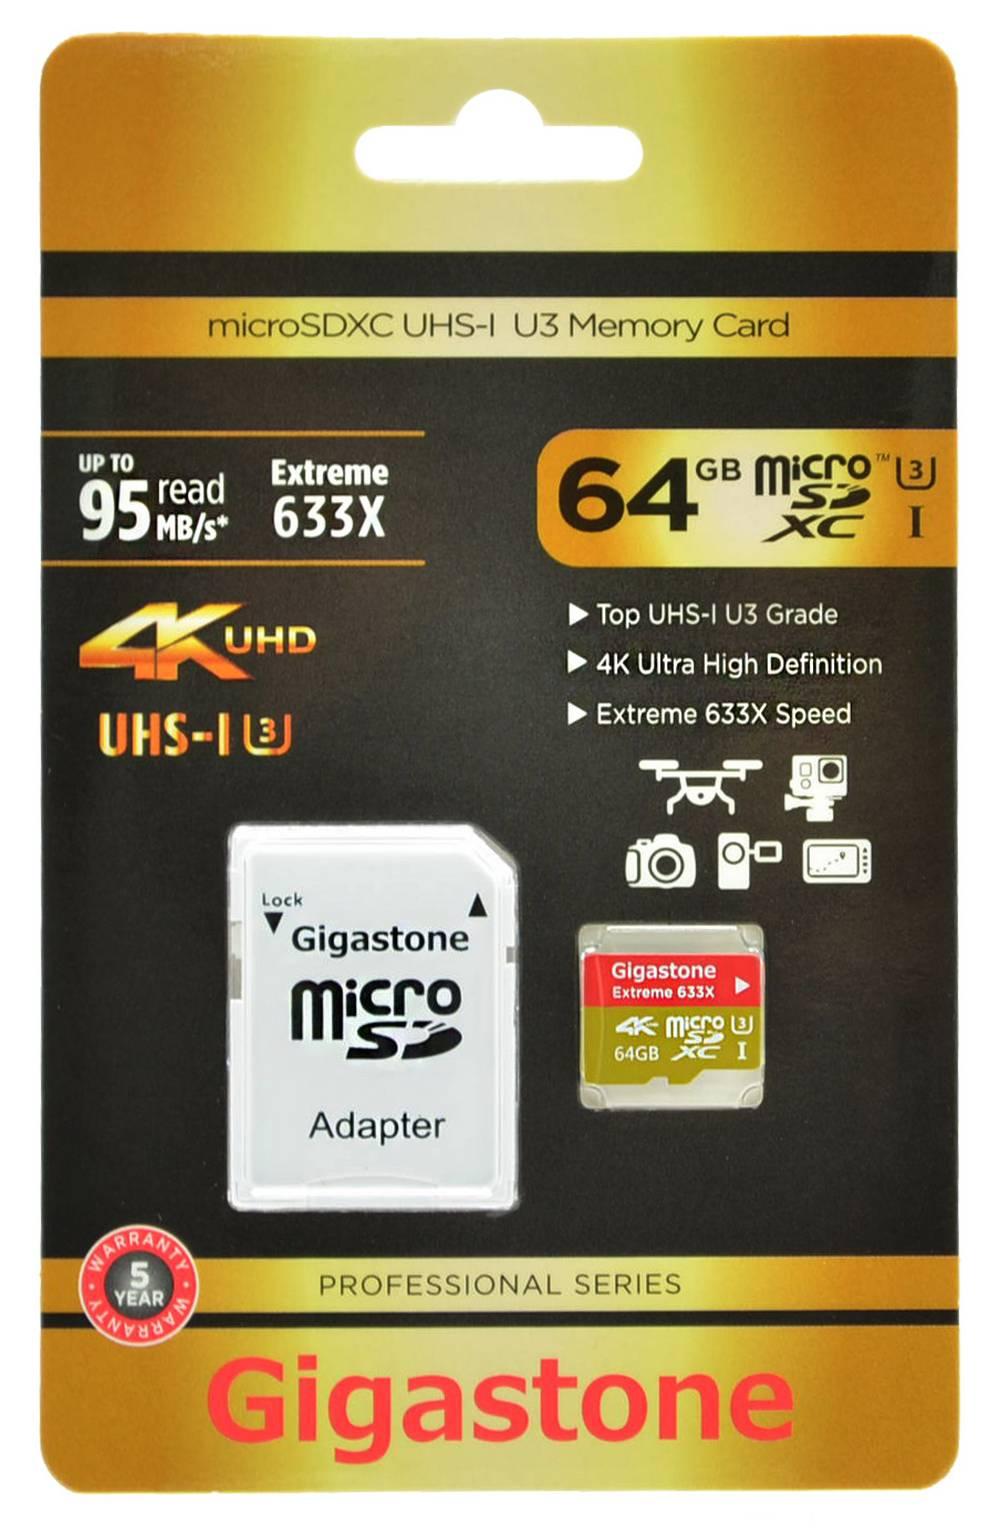 Κάρτα Μνήμης Gigastone MicroSDXC UHS-I U3 64GB U3 Extreme 633X Professional Series με SD Αντάπτορα